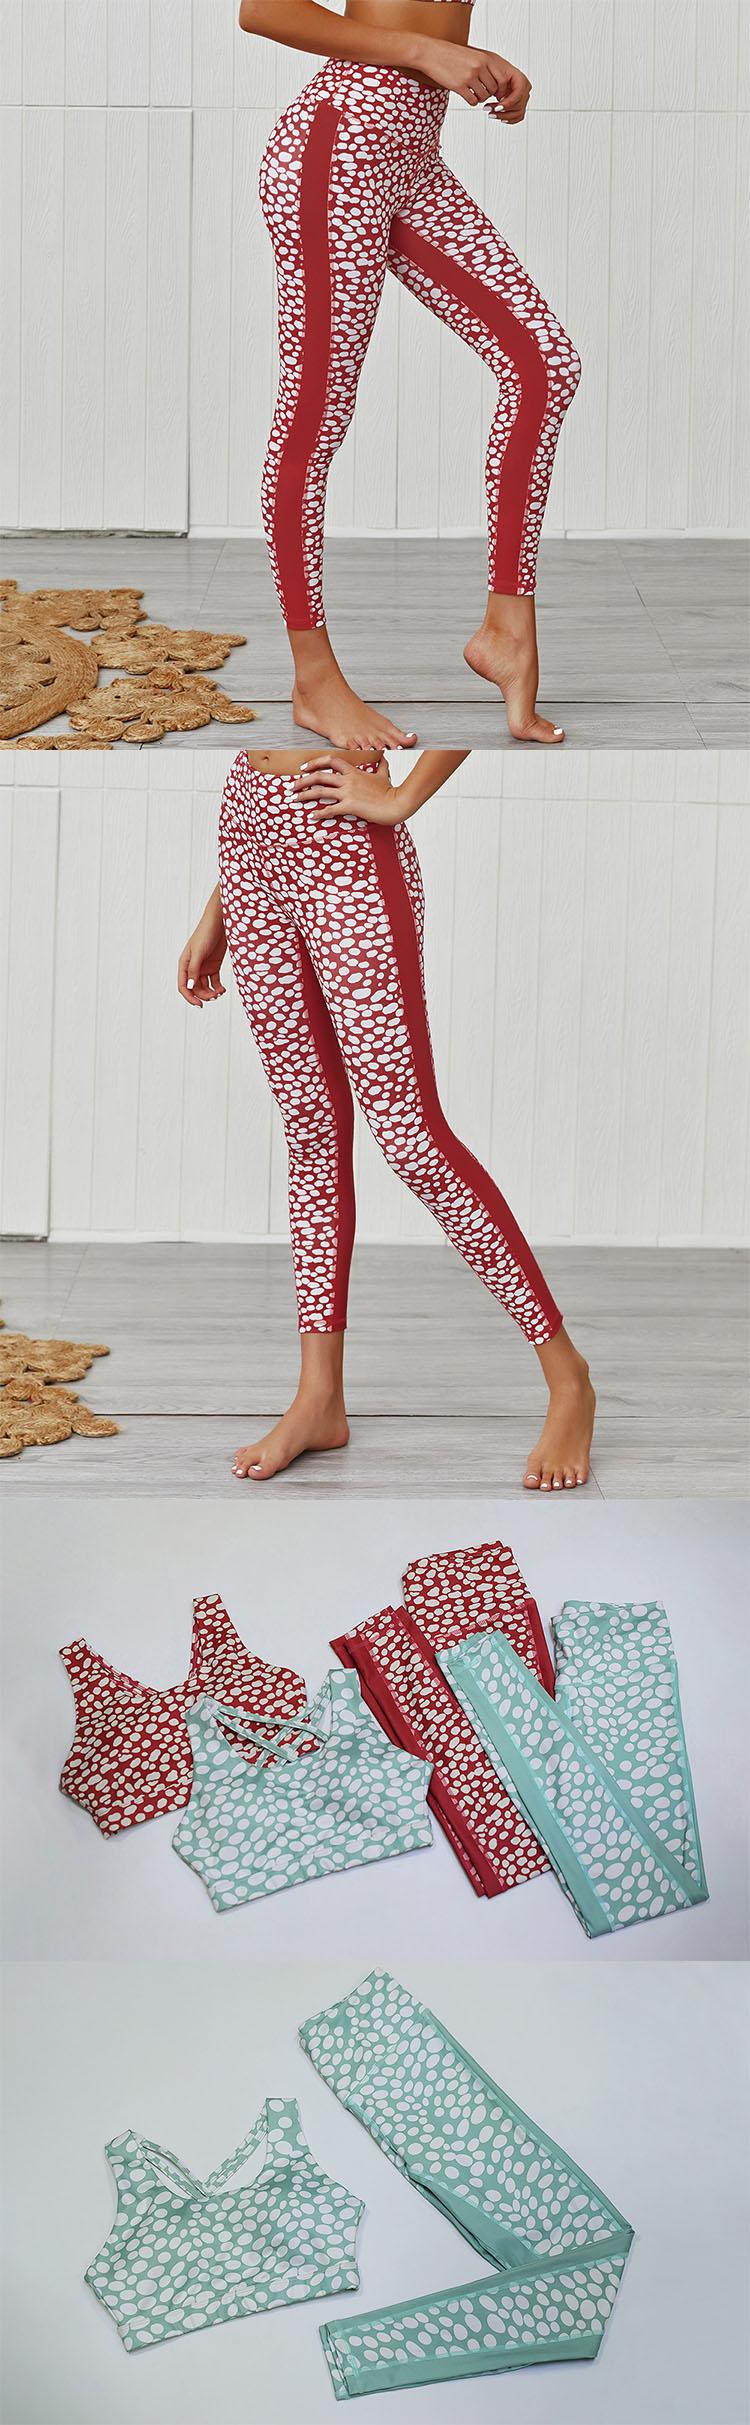 Stretch the thigh line, the visual stretch ratio shows the leg length.